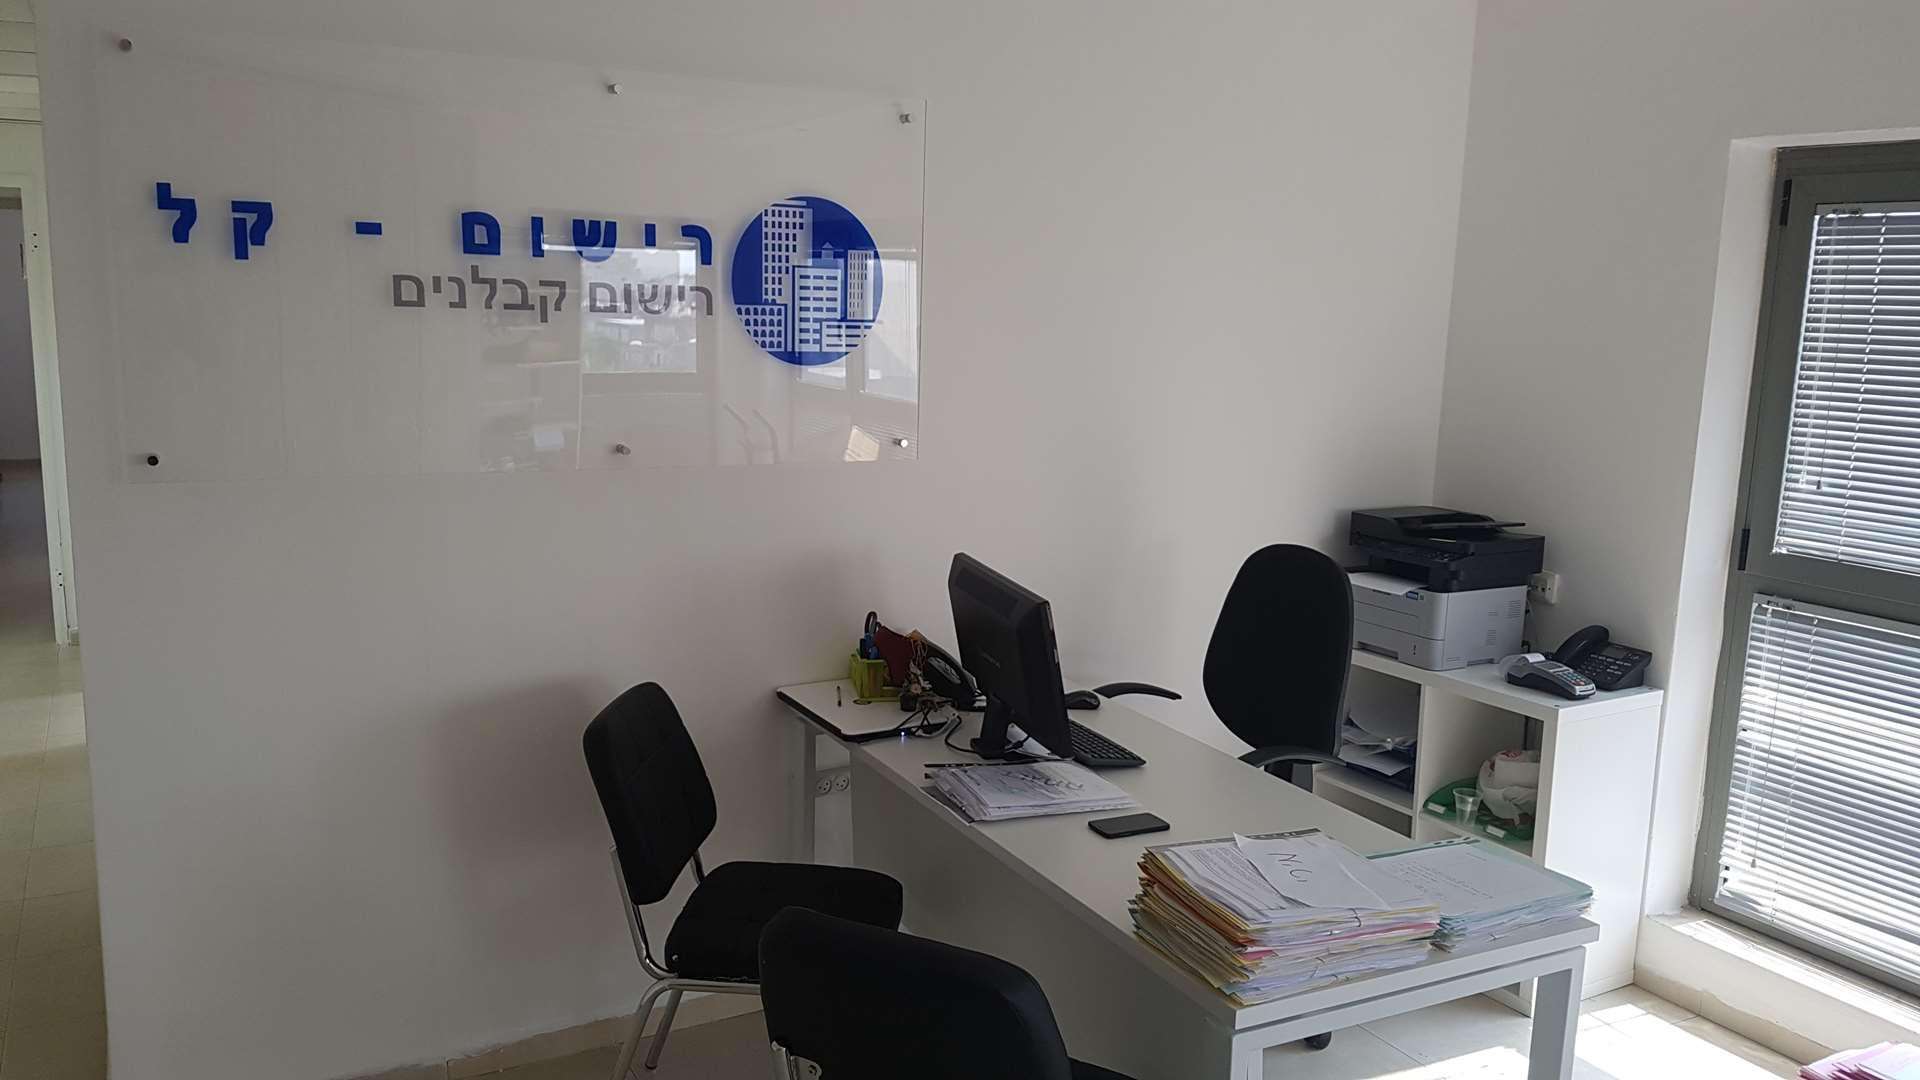 משרדים להשכרה, דרך עכו חיפה, קרי...